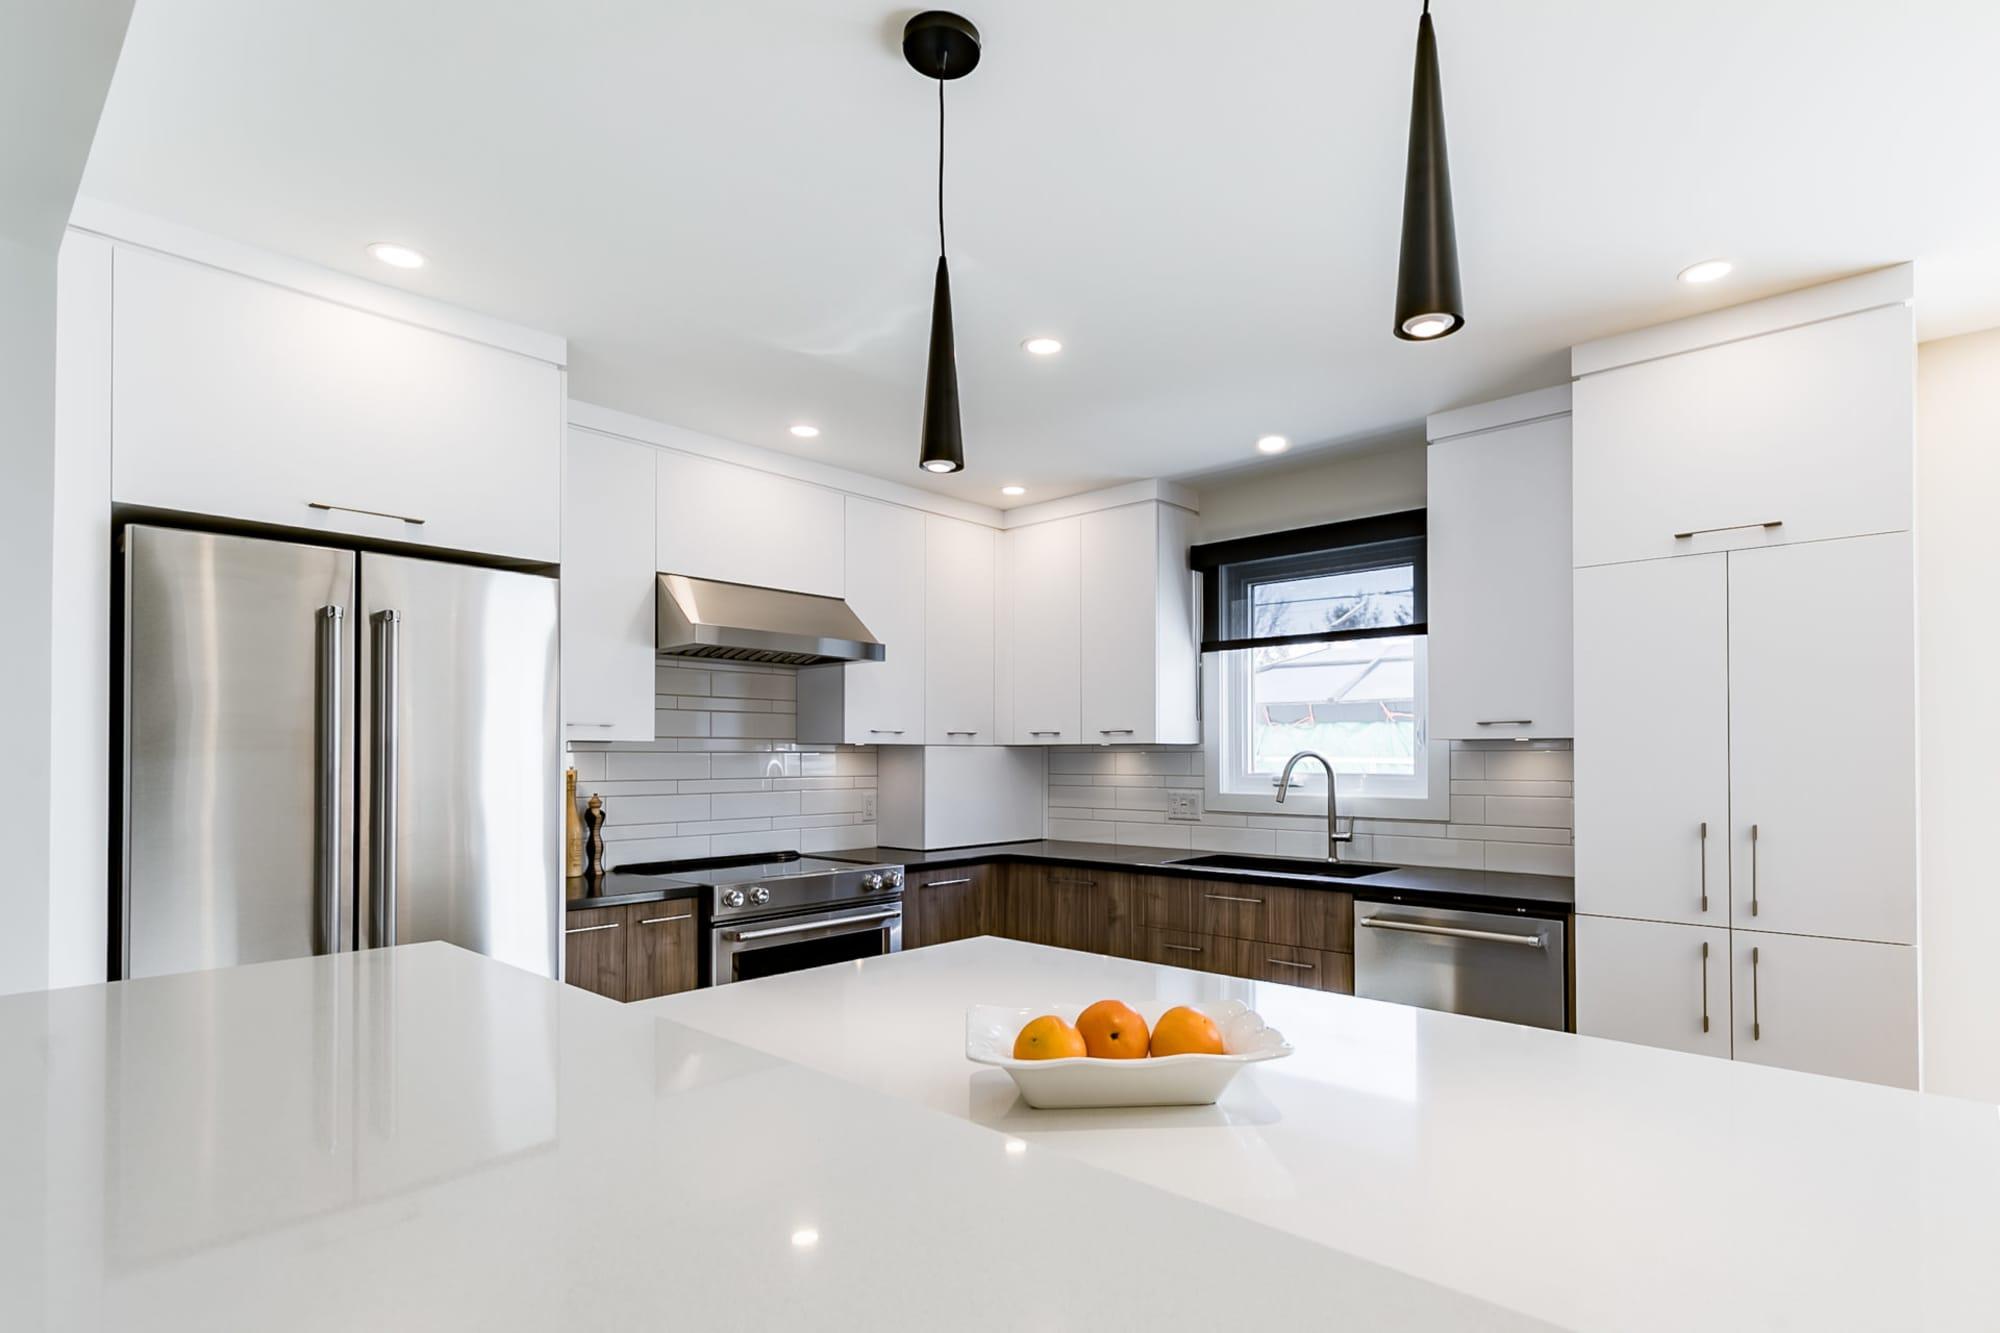 rénovation de cuisine moderne deux tons avec comptoir en quartz